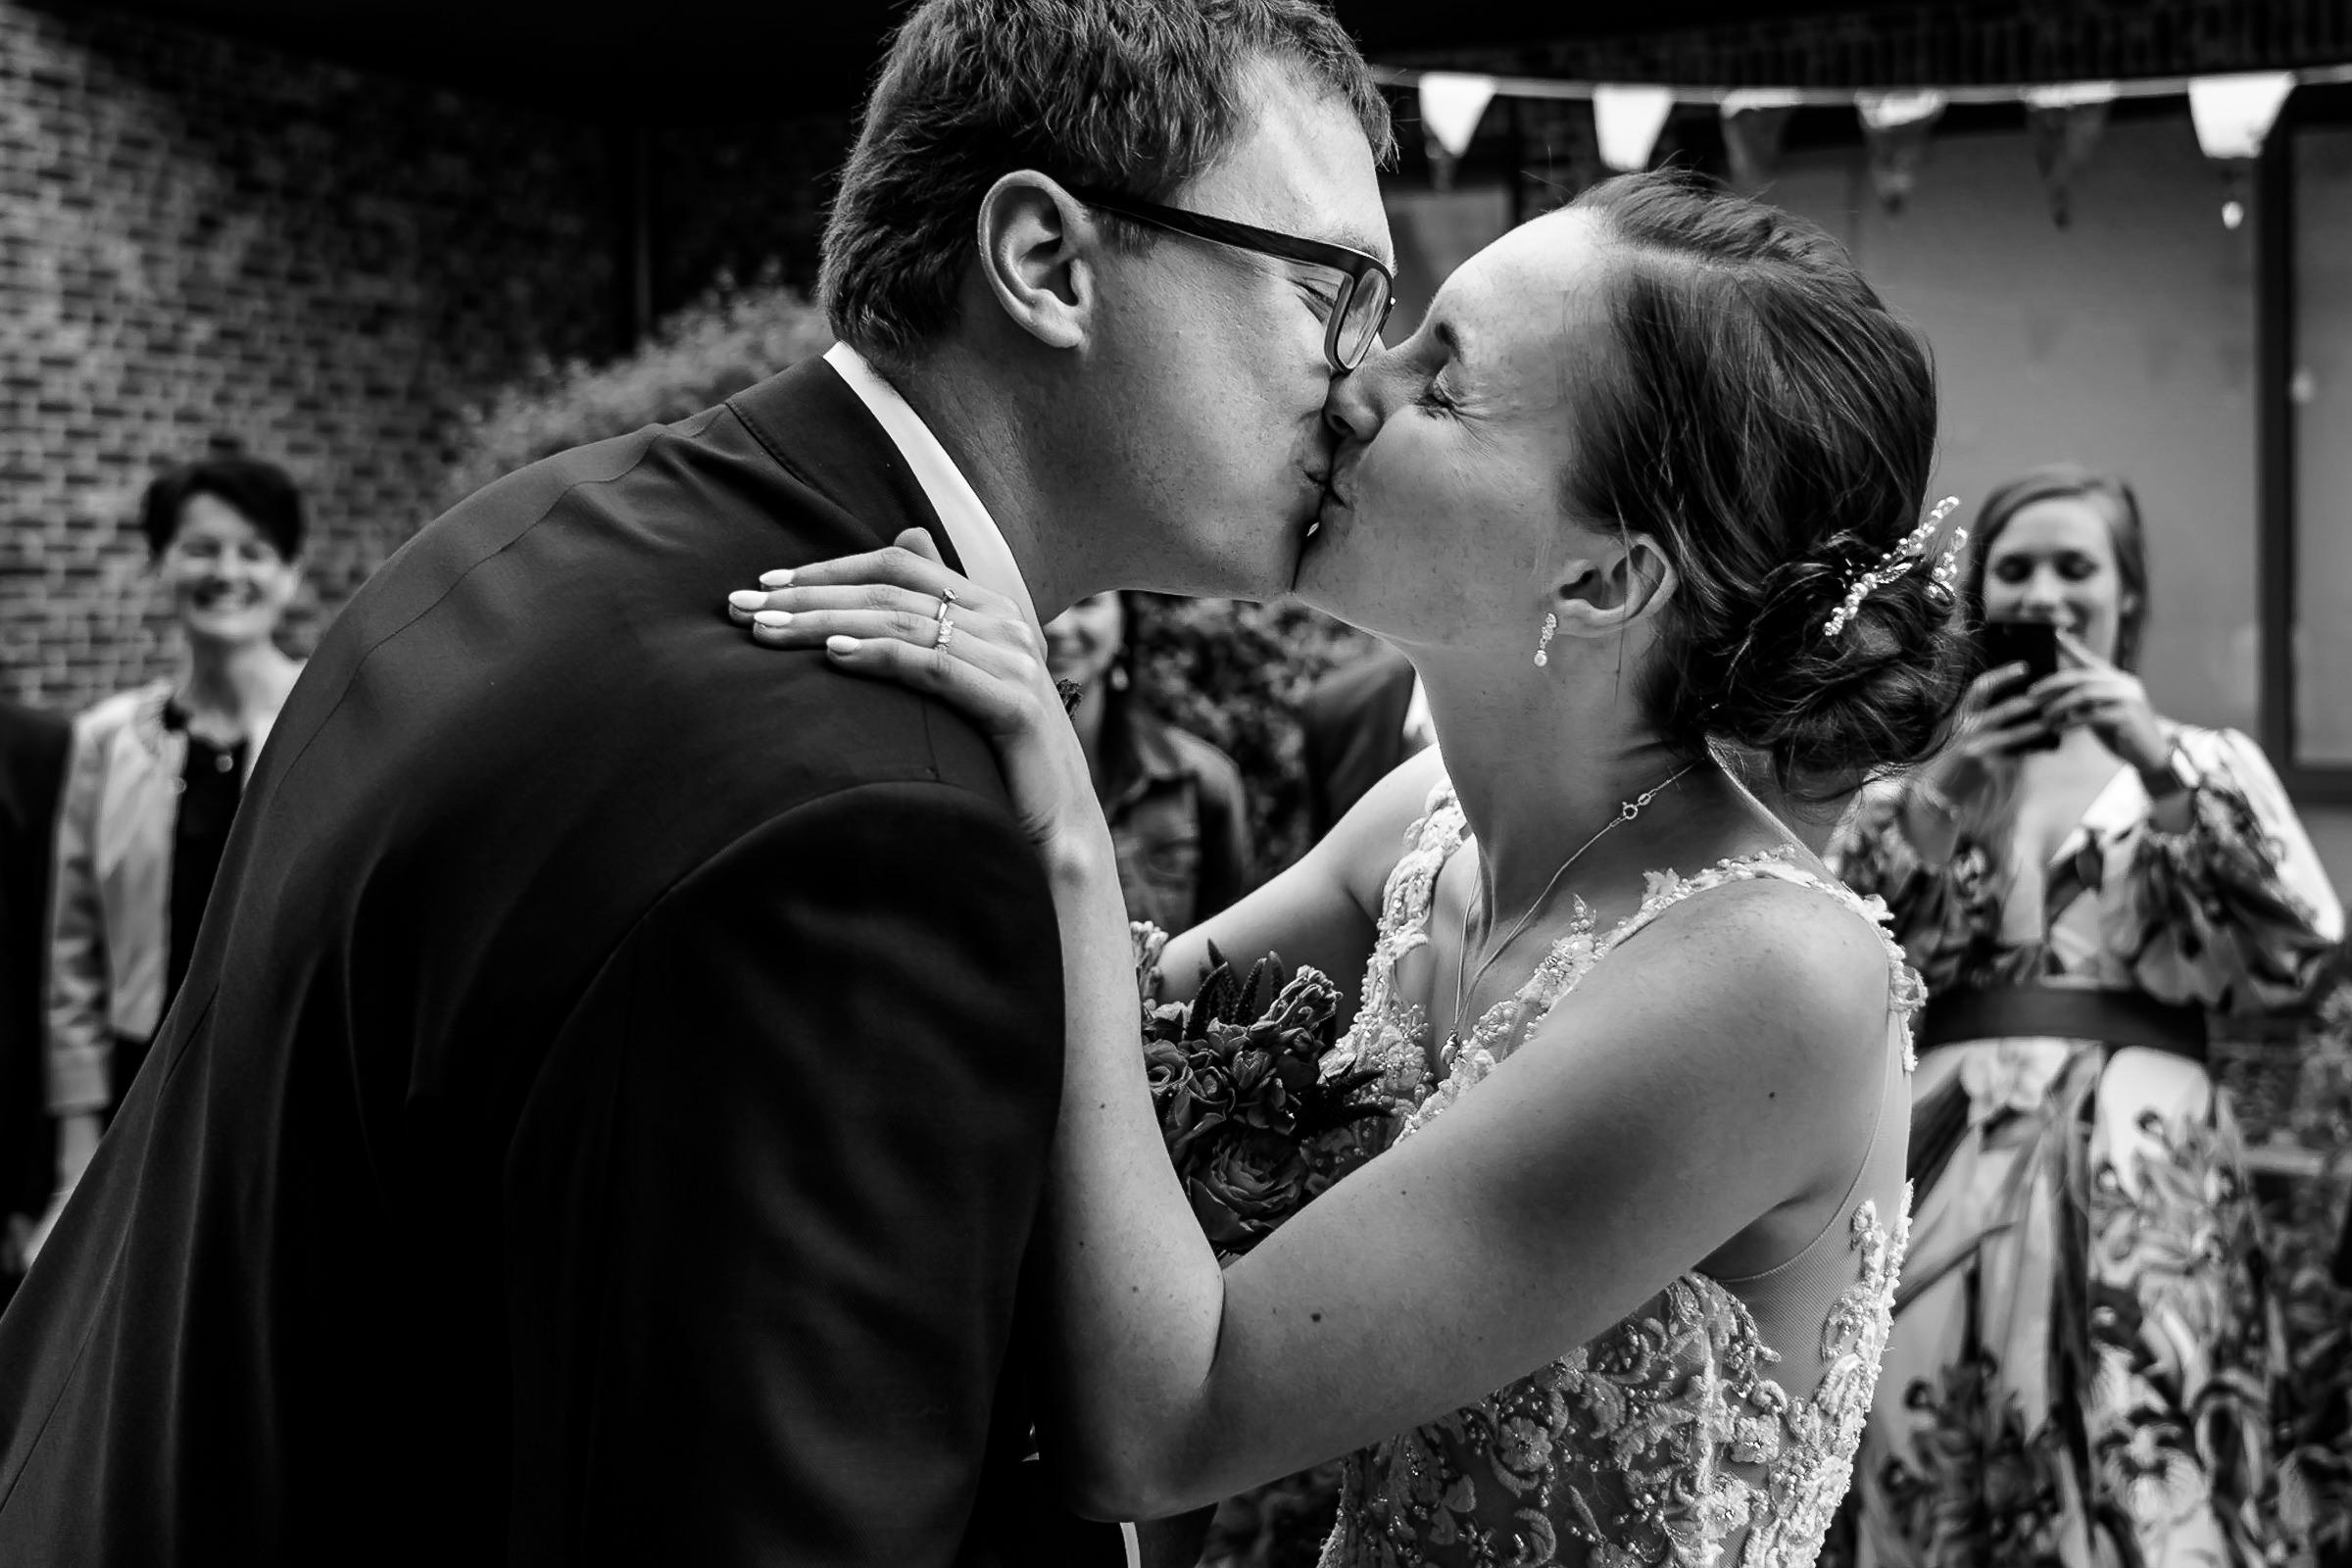 Huwelijksfotograaf Trouwfotograaf Vlaams-Brabant Limburg Antwerpen